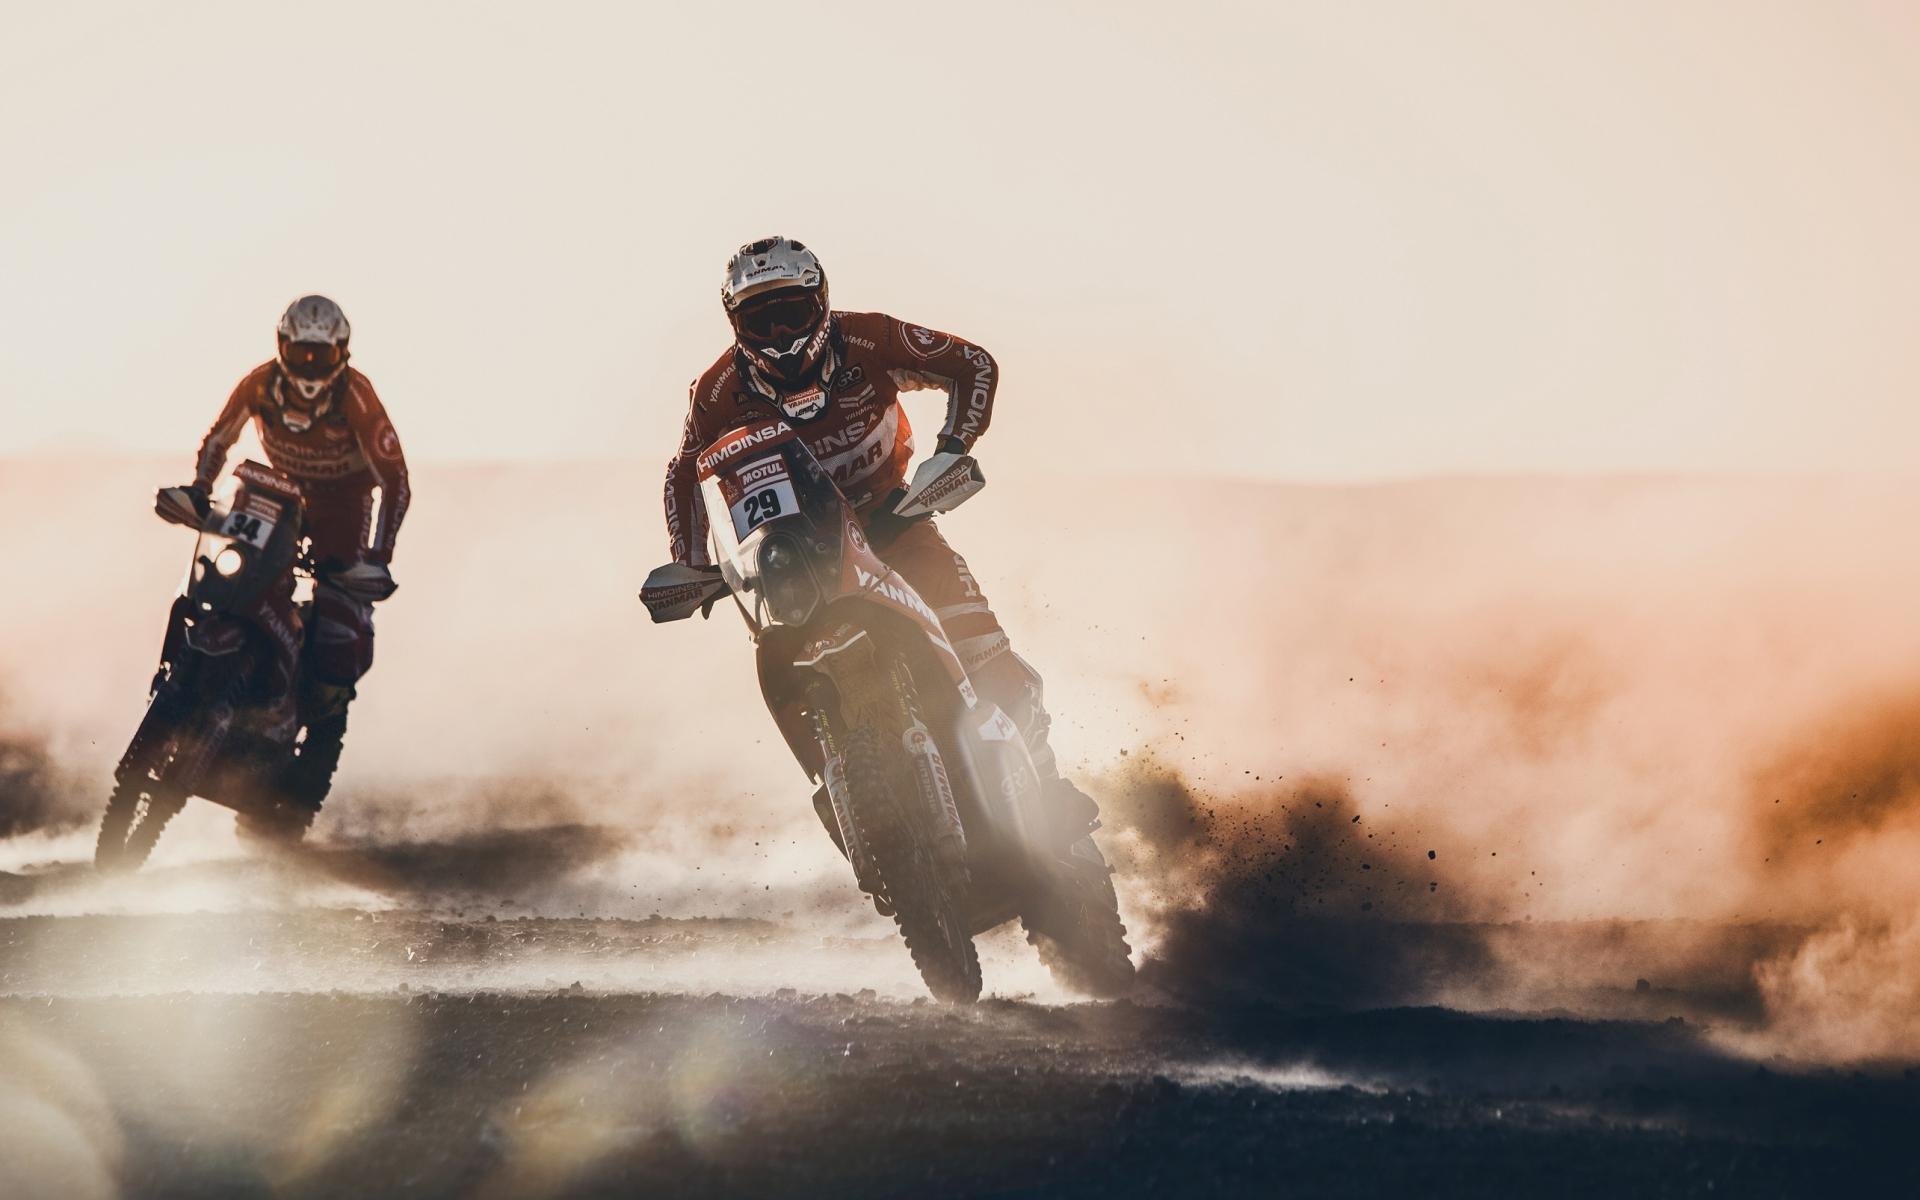 Motos en el Dakar 2018 - 1920x1200